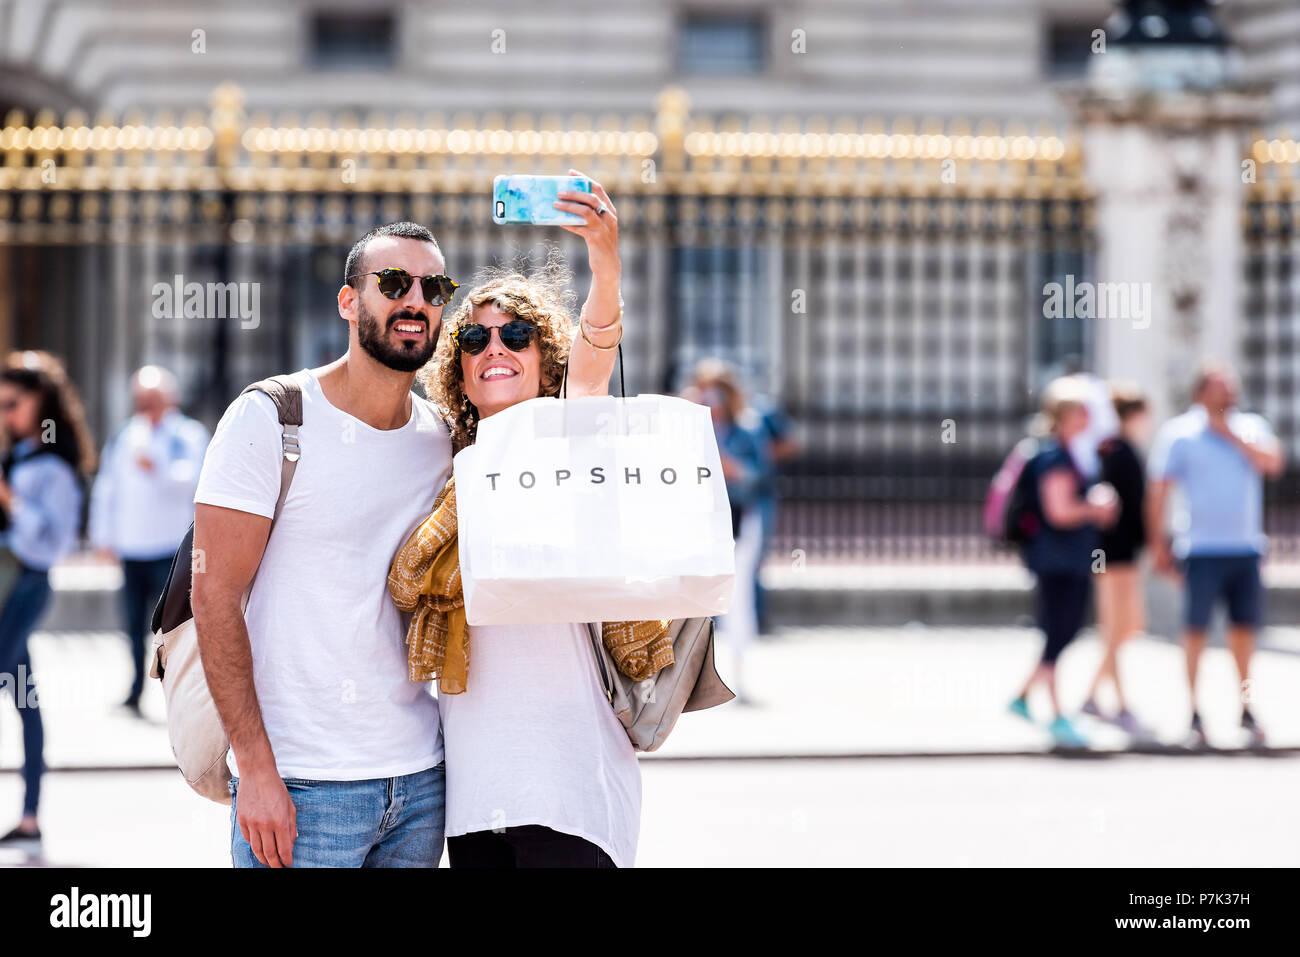 Londres, Reino Unido - 21 de junio de 2018: jóvenes románticas sonriendo feliz pareja teniendo selfie permanente delante de oro, Golden Buckingham Palace closeup valla, topsh Imagen De Stock